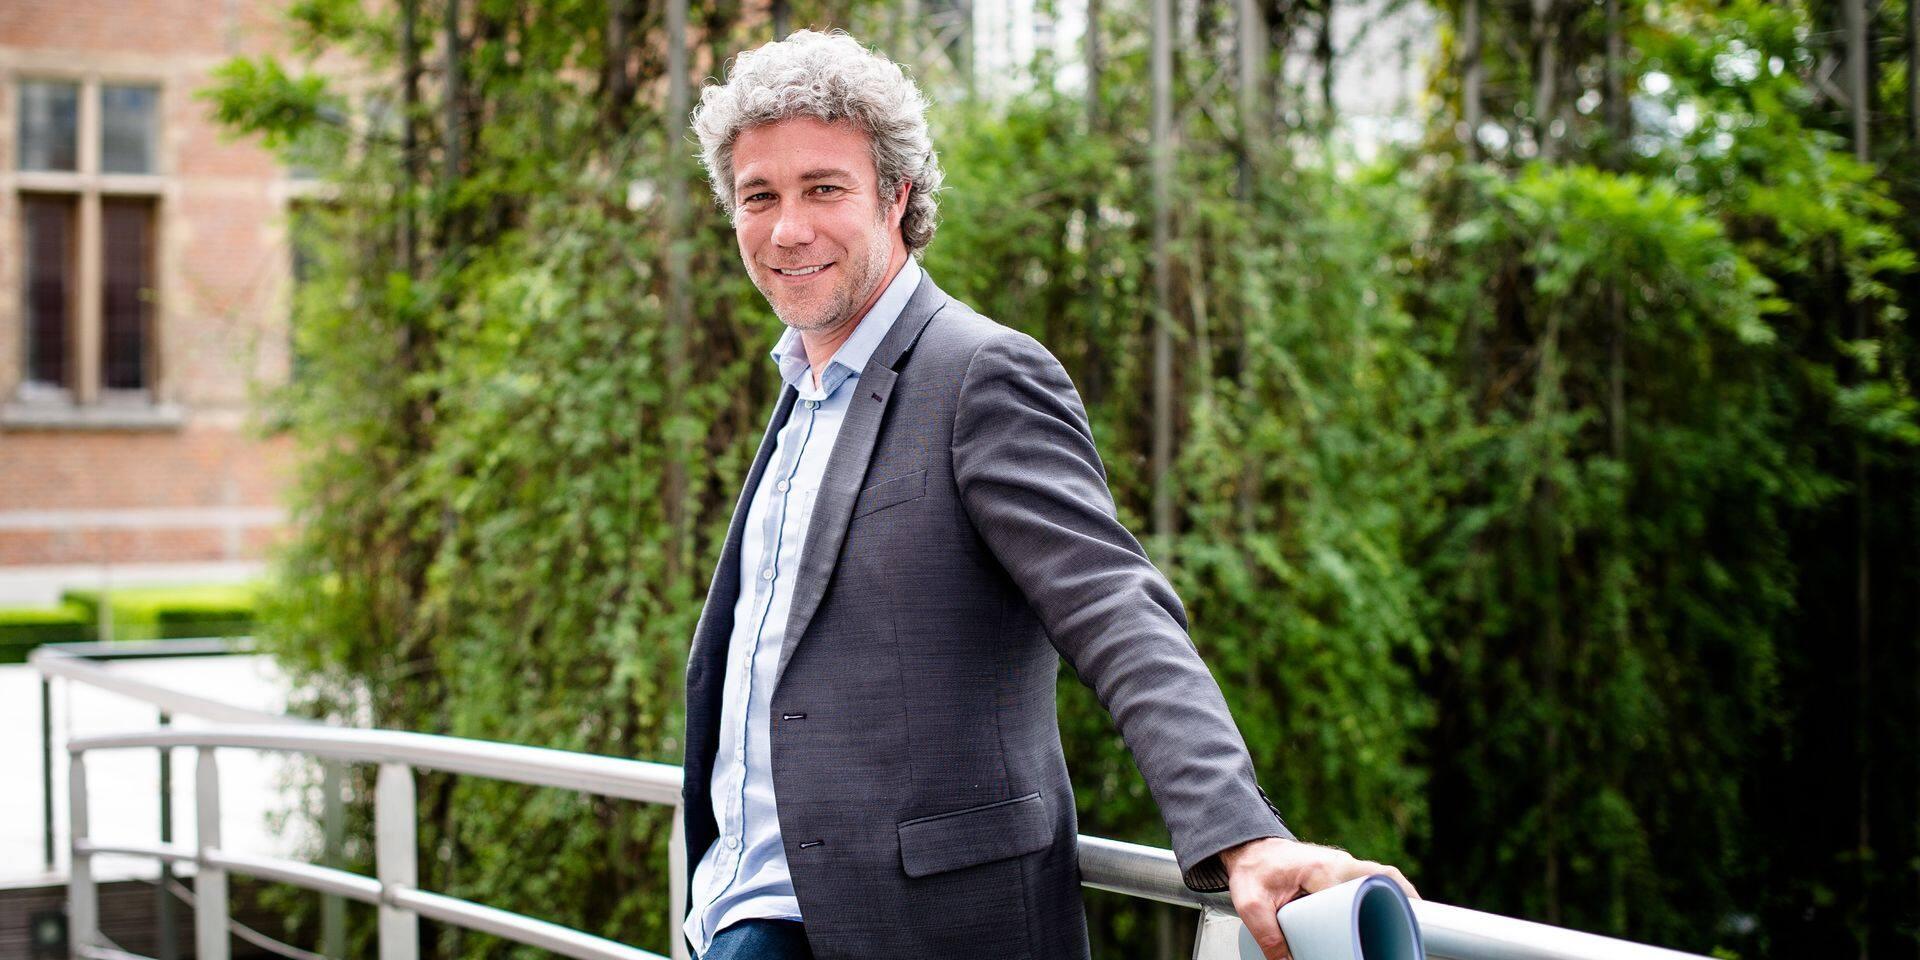 Bruxelles : Pour Ecolo, l'allocation loyer exclut trop de Bruxellois